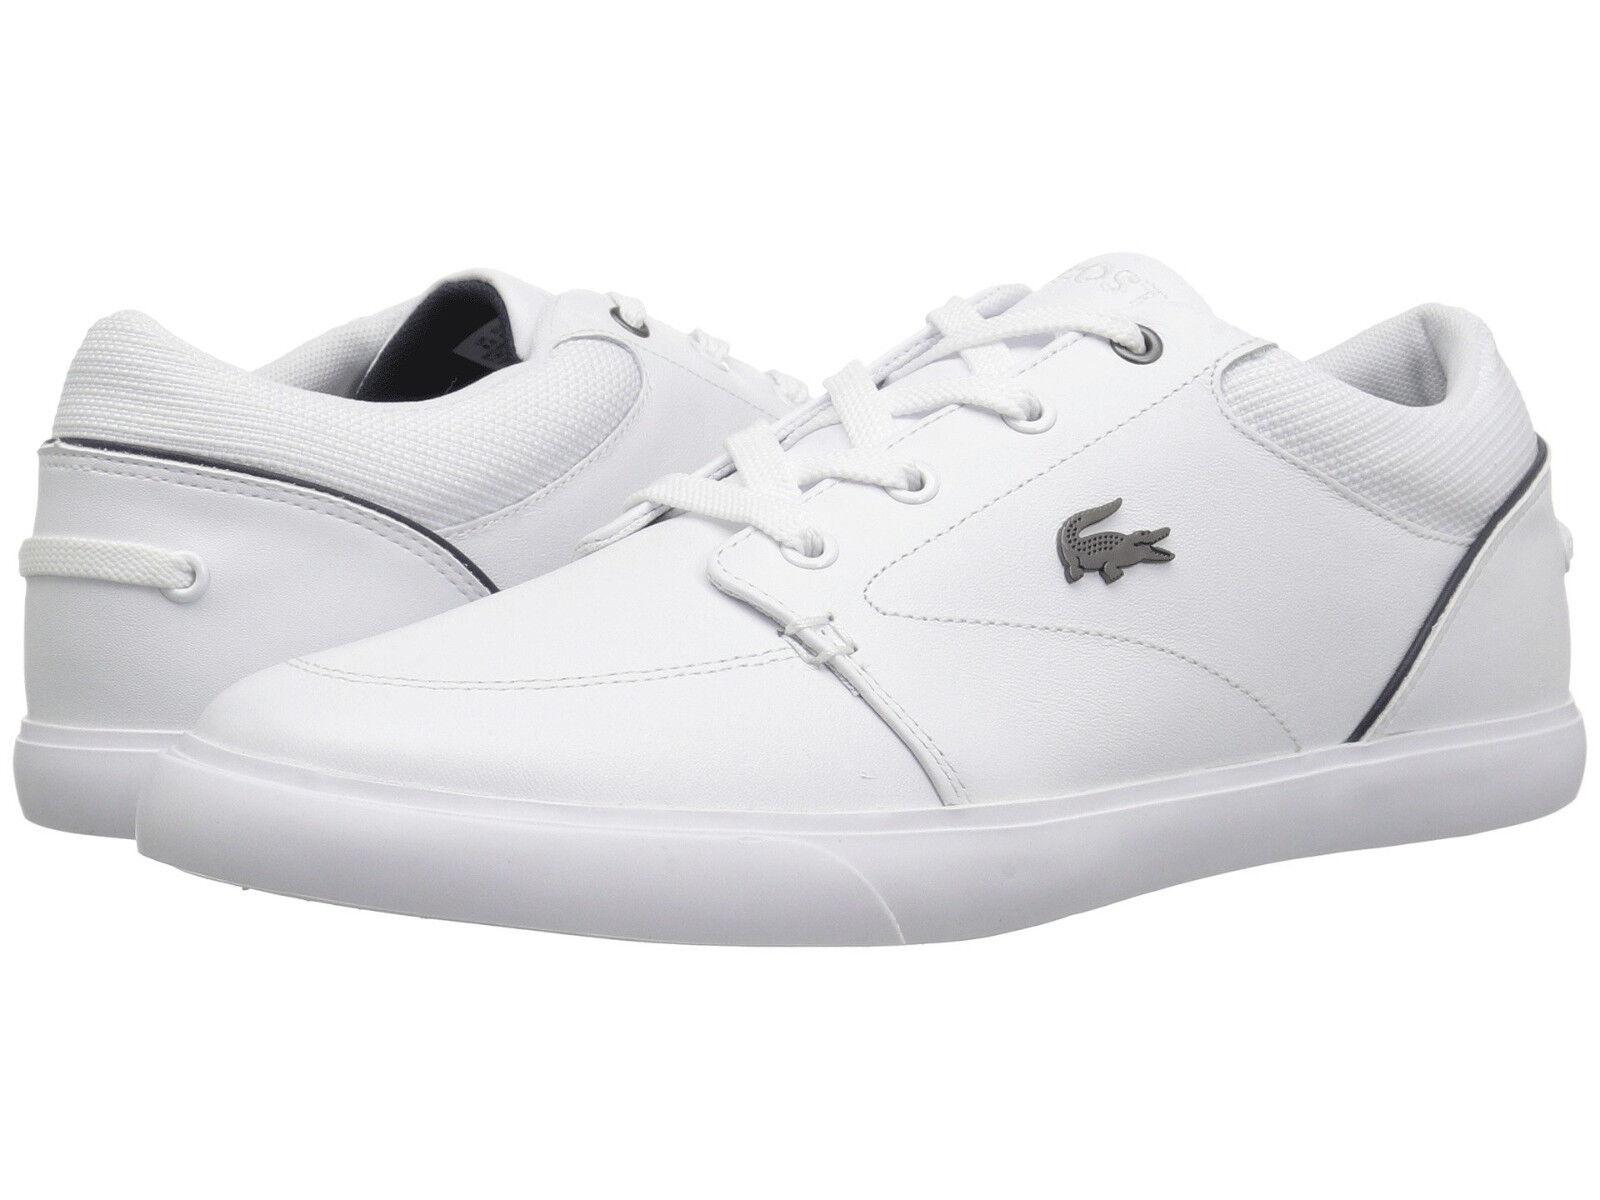 Men Lacoste Bayliss Turnschuhe 7-36CAM0007042 Weiß Navy 100% Original Brand New